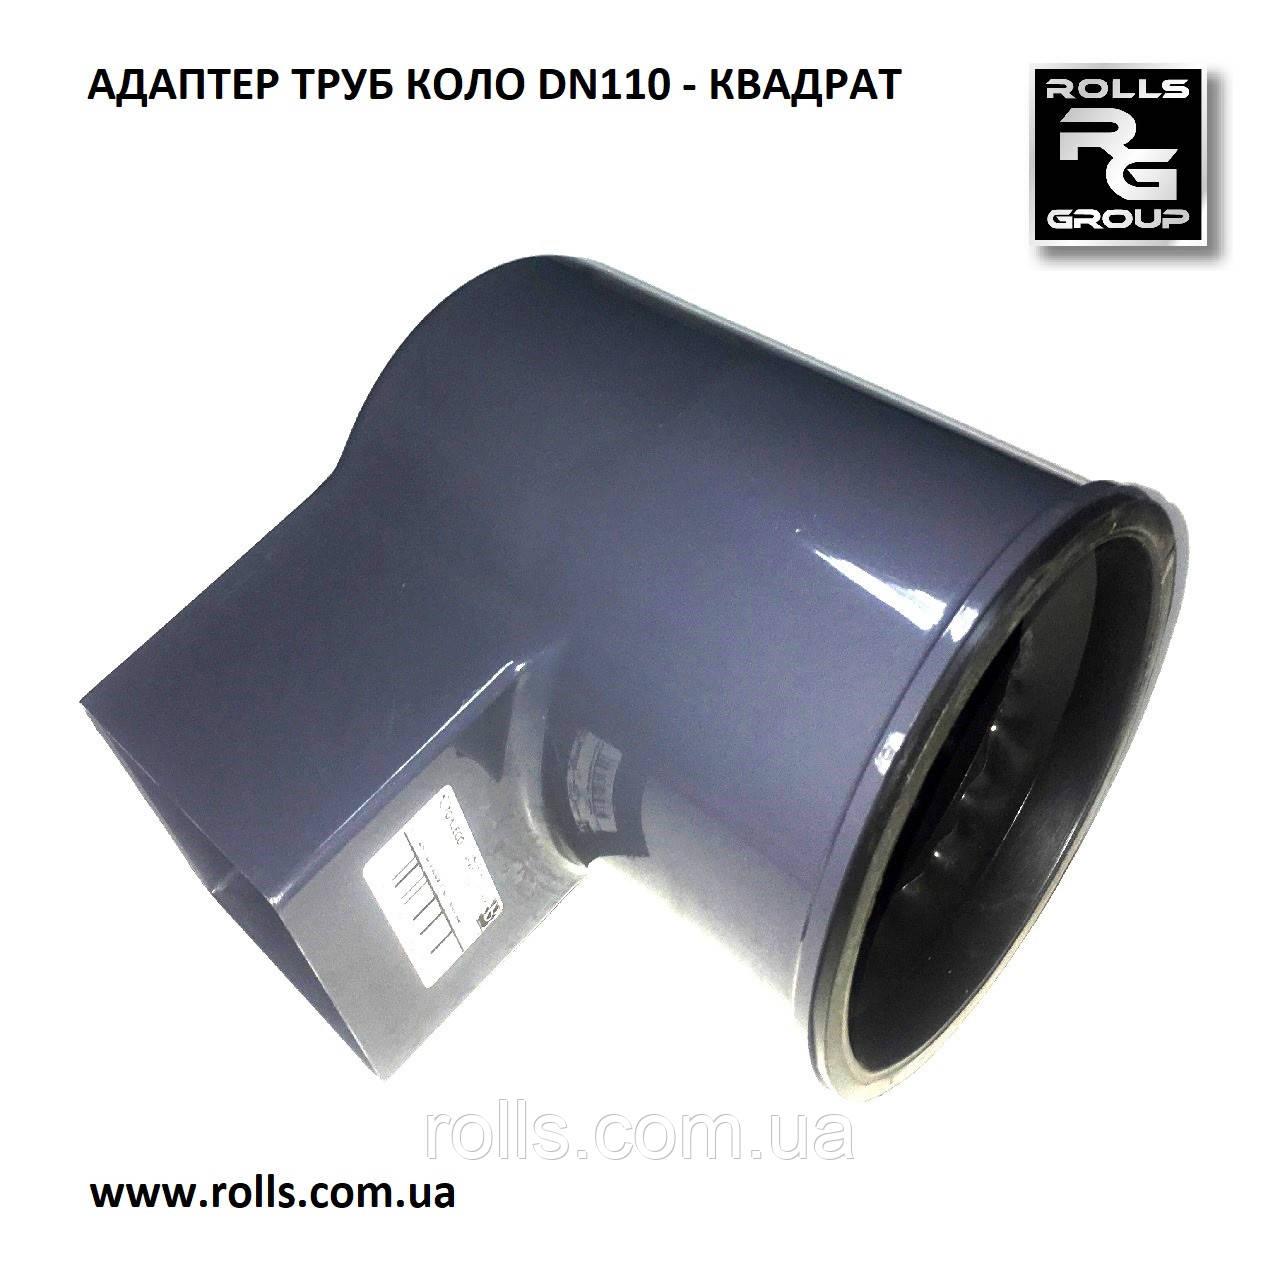 Коліно Перехідник STAL 2 чорний адаптер труби круглого перерізу DN110мм на квадрат 80х80мм